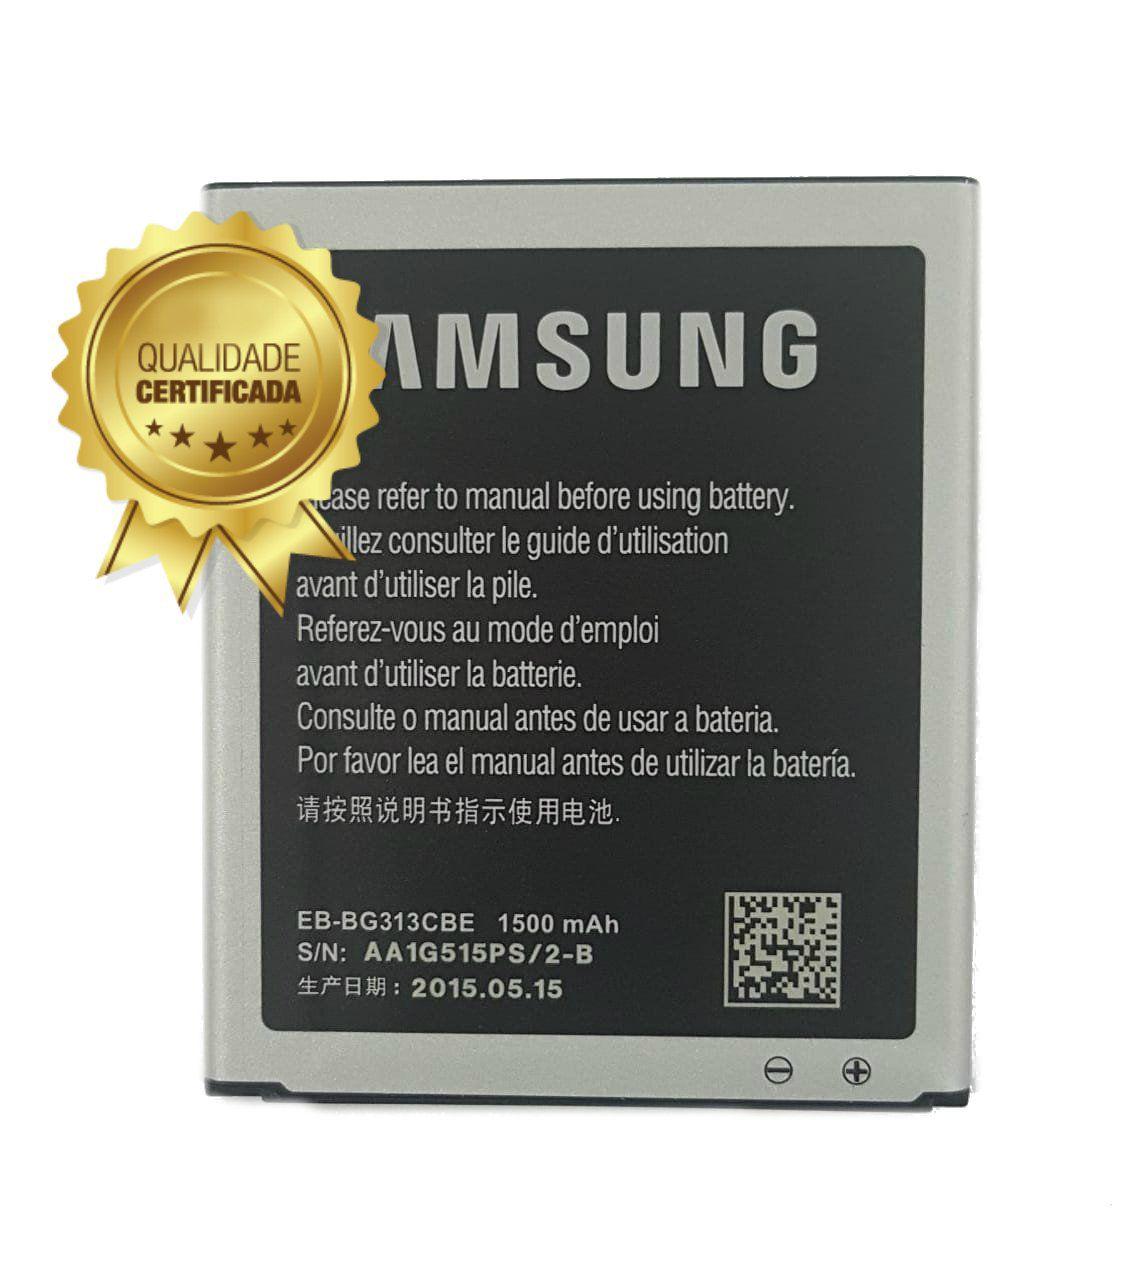 Bateria Ace G313 G316 G318 Compatível J105 8190 1500mAh Original